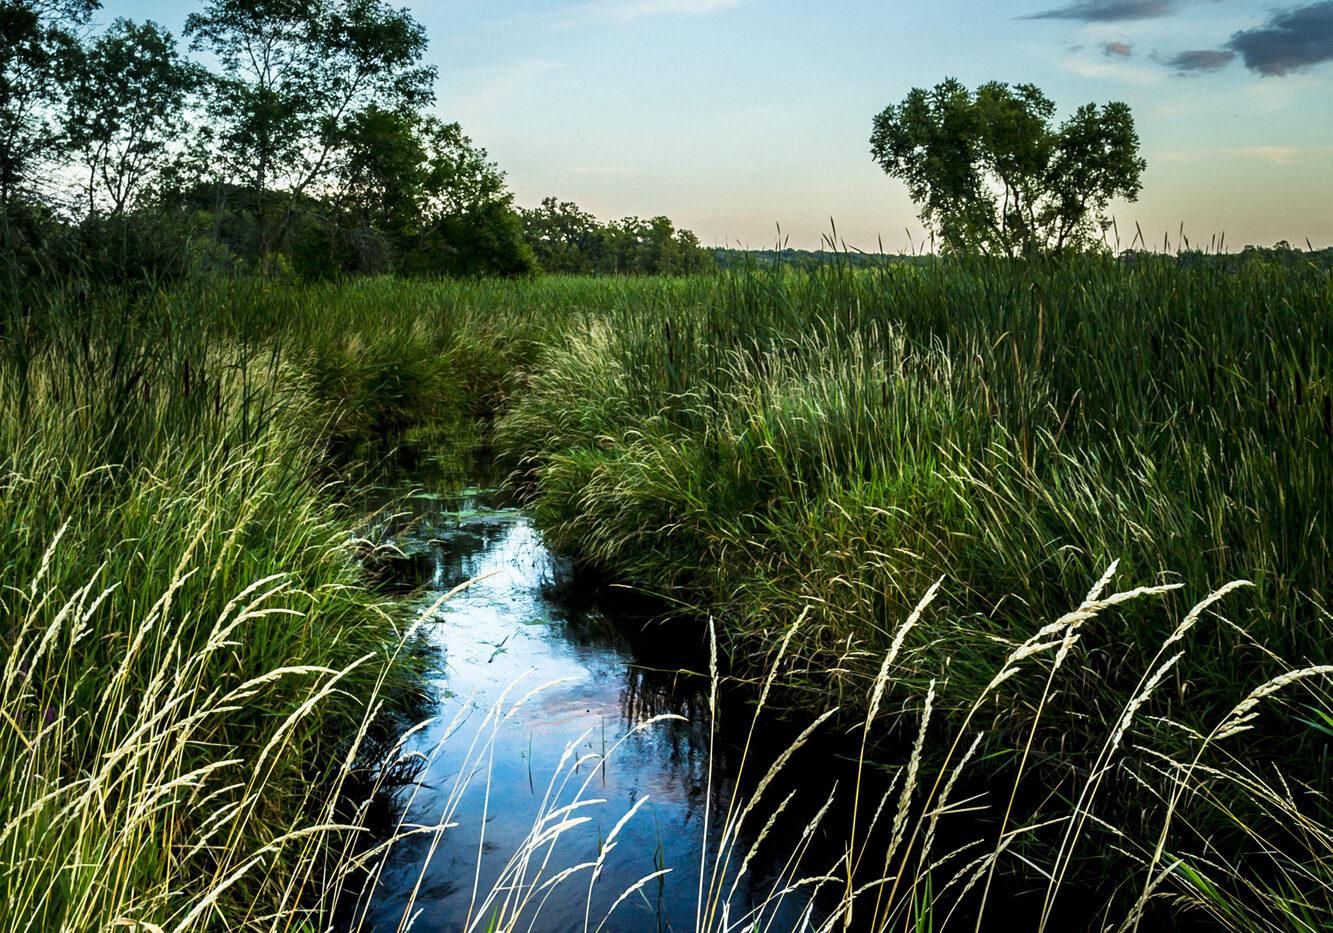 Julian Kegel - Little Oconomowoc River Headwaters at Camp Quad